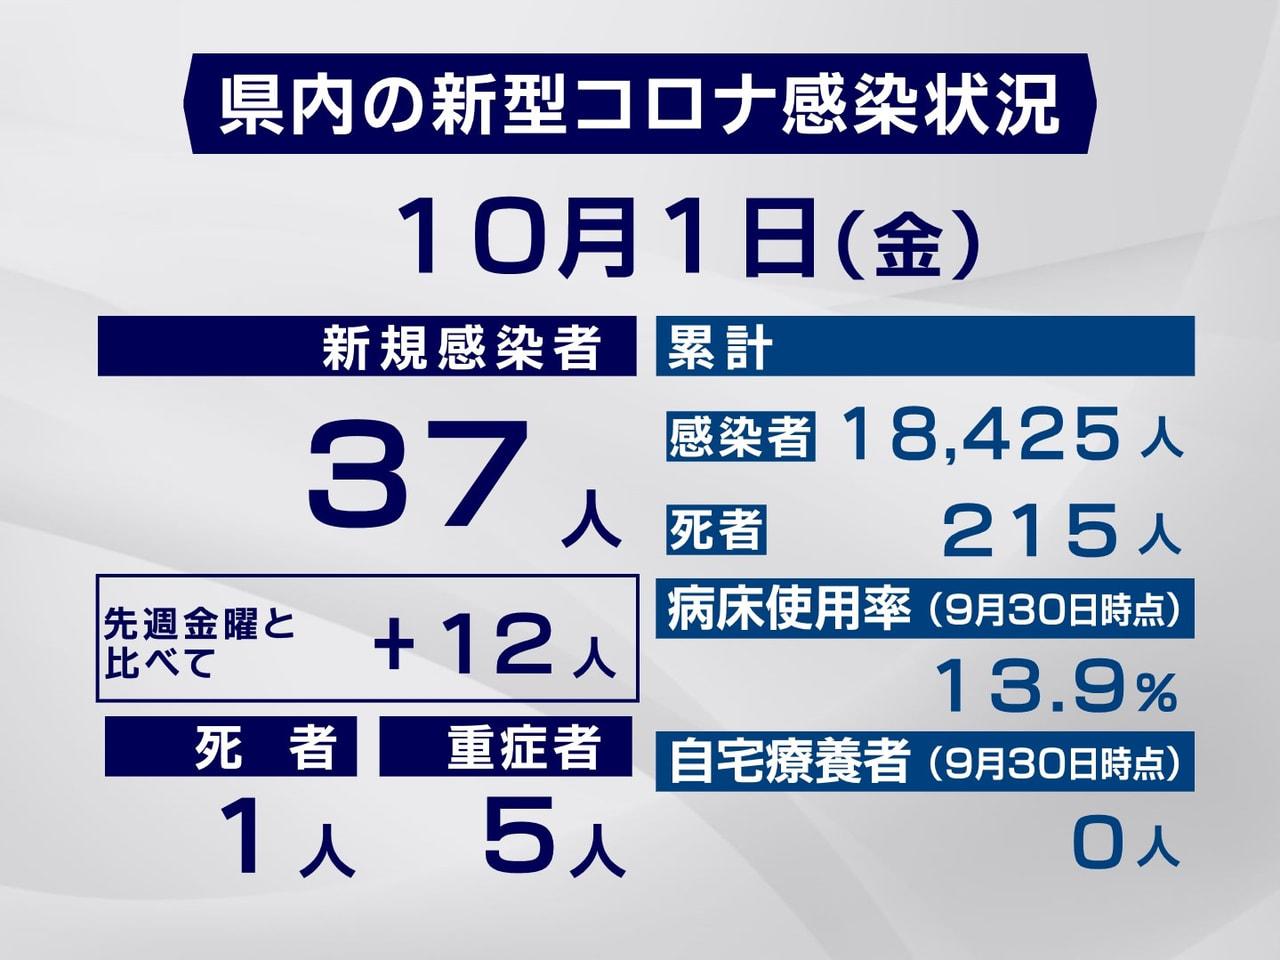 岐阜県と岐阜市は1日、新型コロナウイルスの感染が新たに37人確認され、1人が死亡...